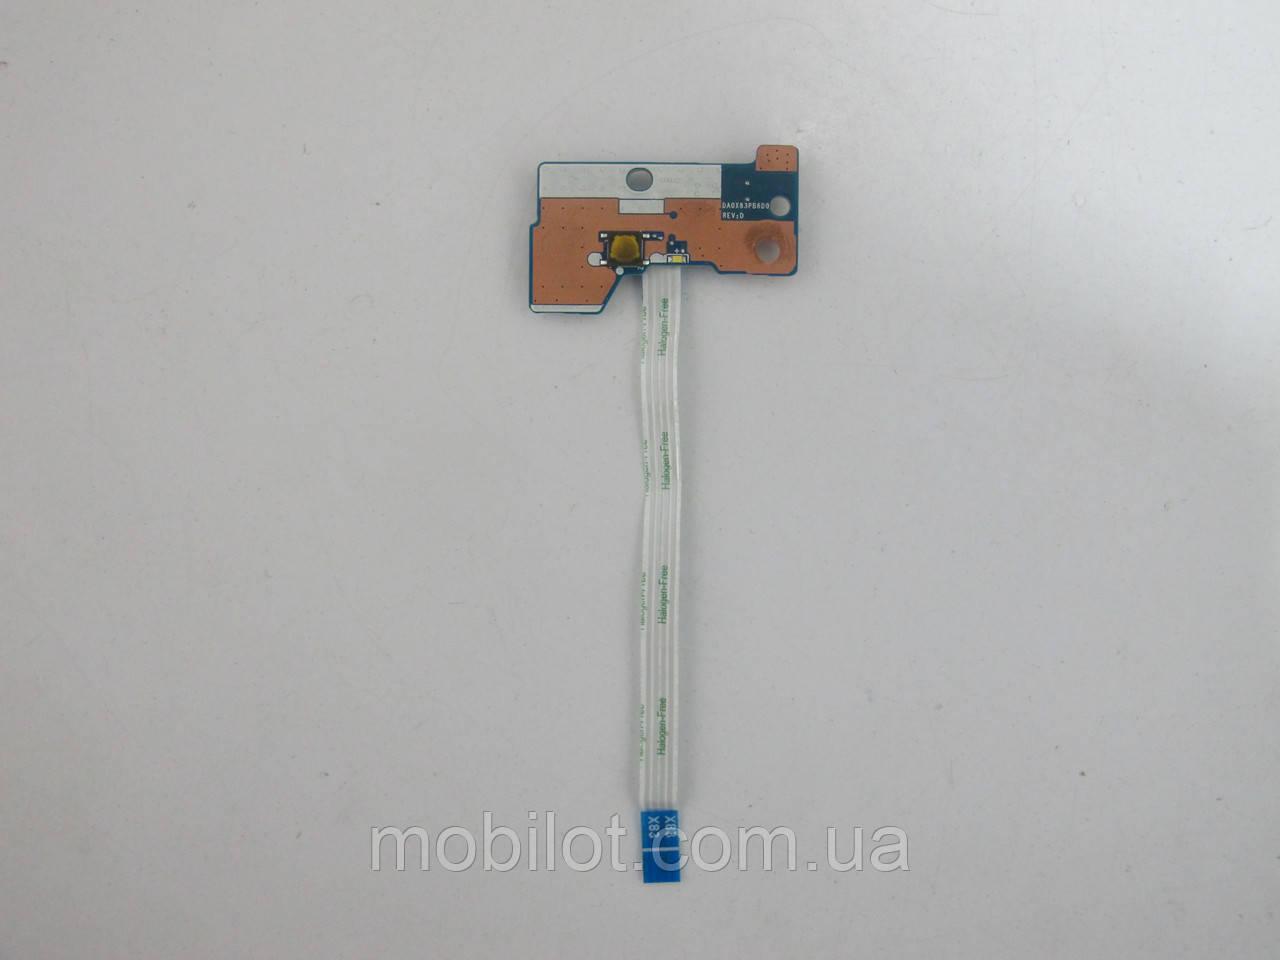 Кнопка включения HP 450 G4 (NZ-7359)